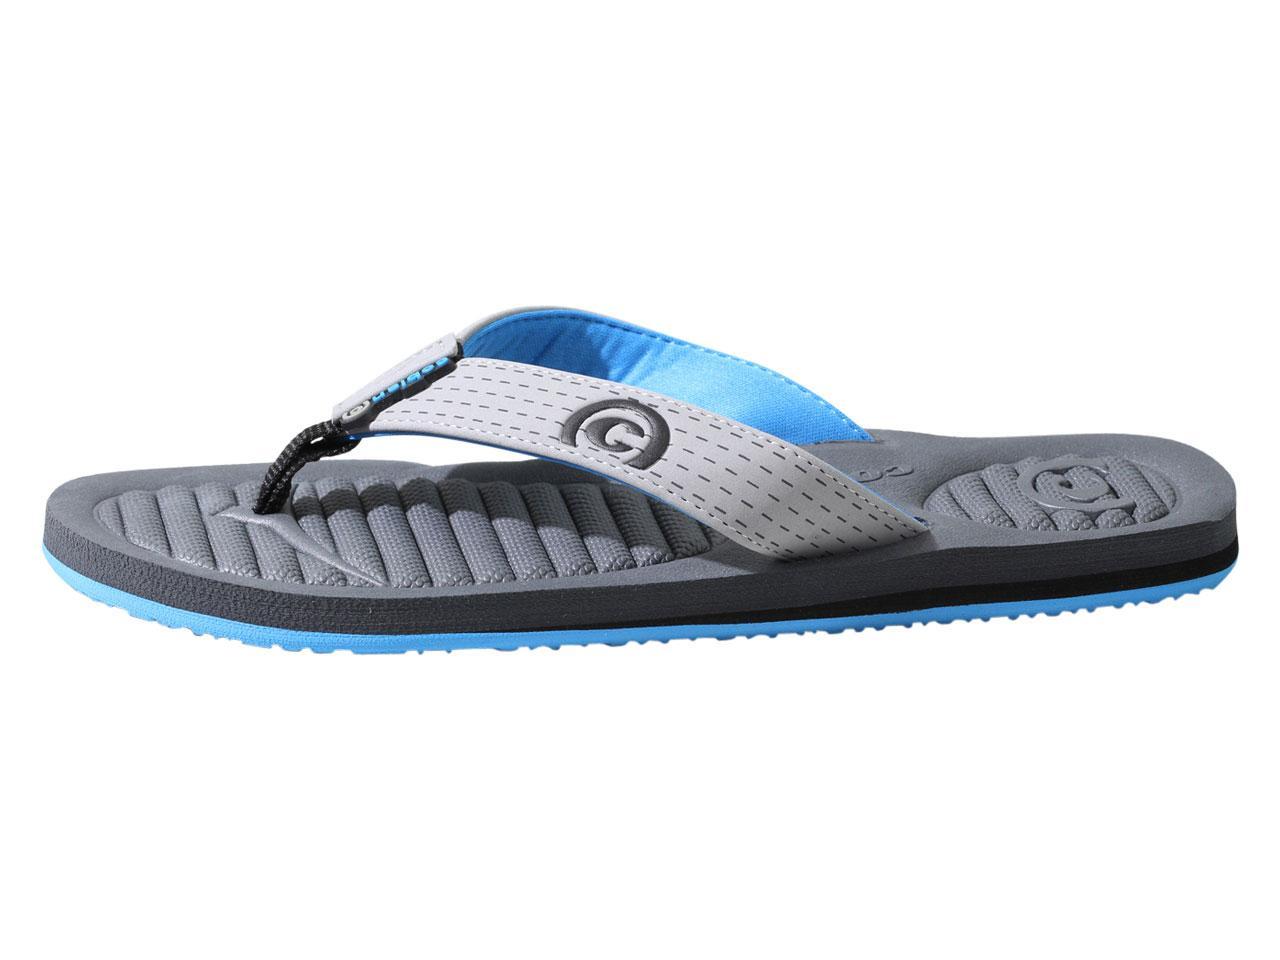 1abec5e69 Cobian Men s Hydro Pod Flip Flops Sandals Shoes by Cobian. 1234567